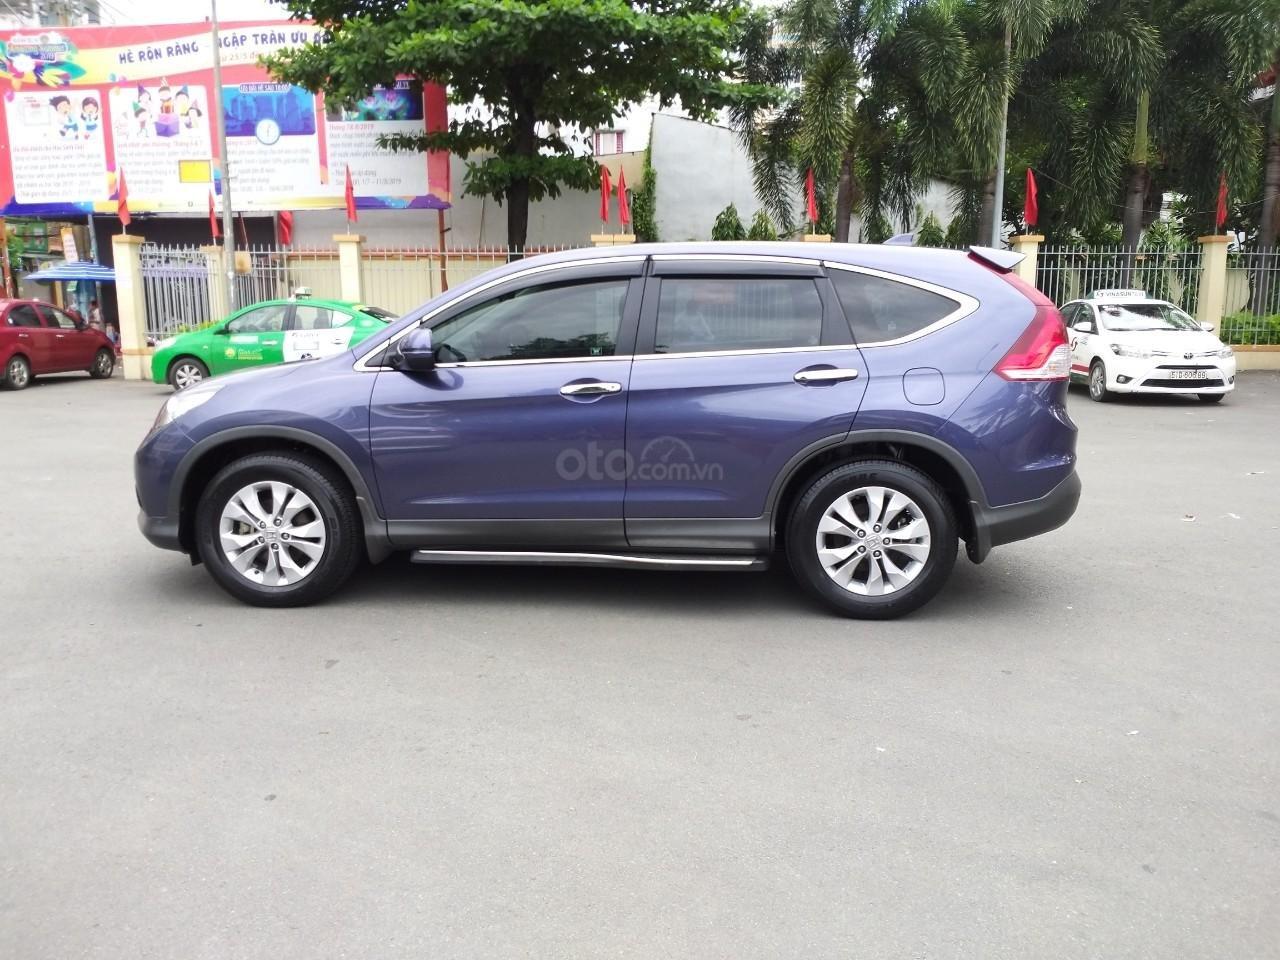 Honda CR V 2.0 AT model 2014, màu xanh, xe nhập cực mới, 700 triệu đồng-10